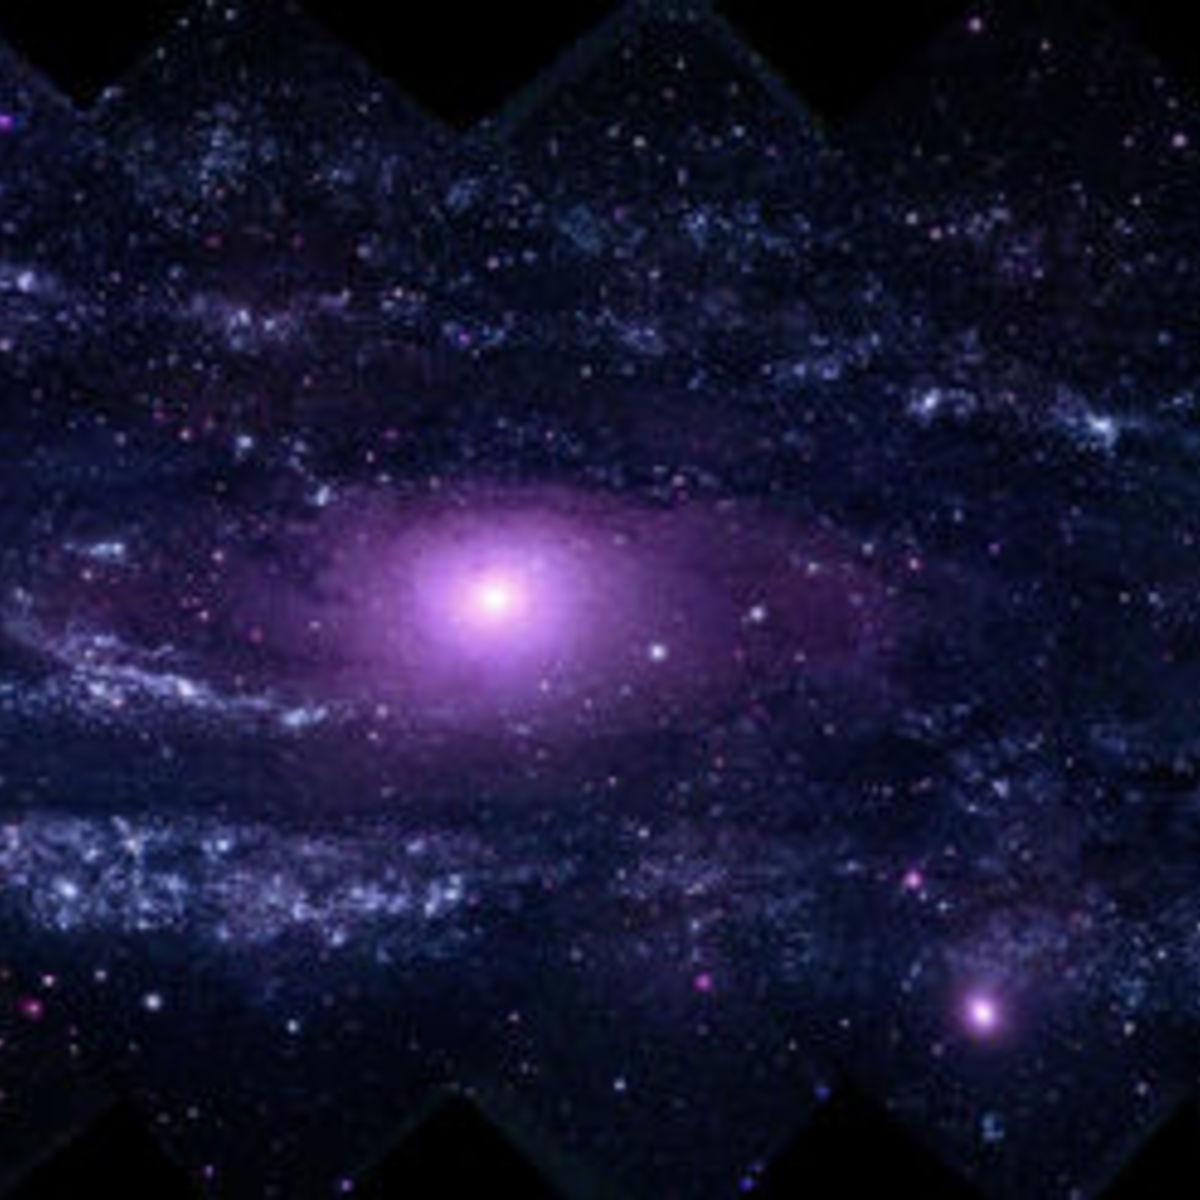 Andromeda_galaxy-thumb-330x247-26352.jpg